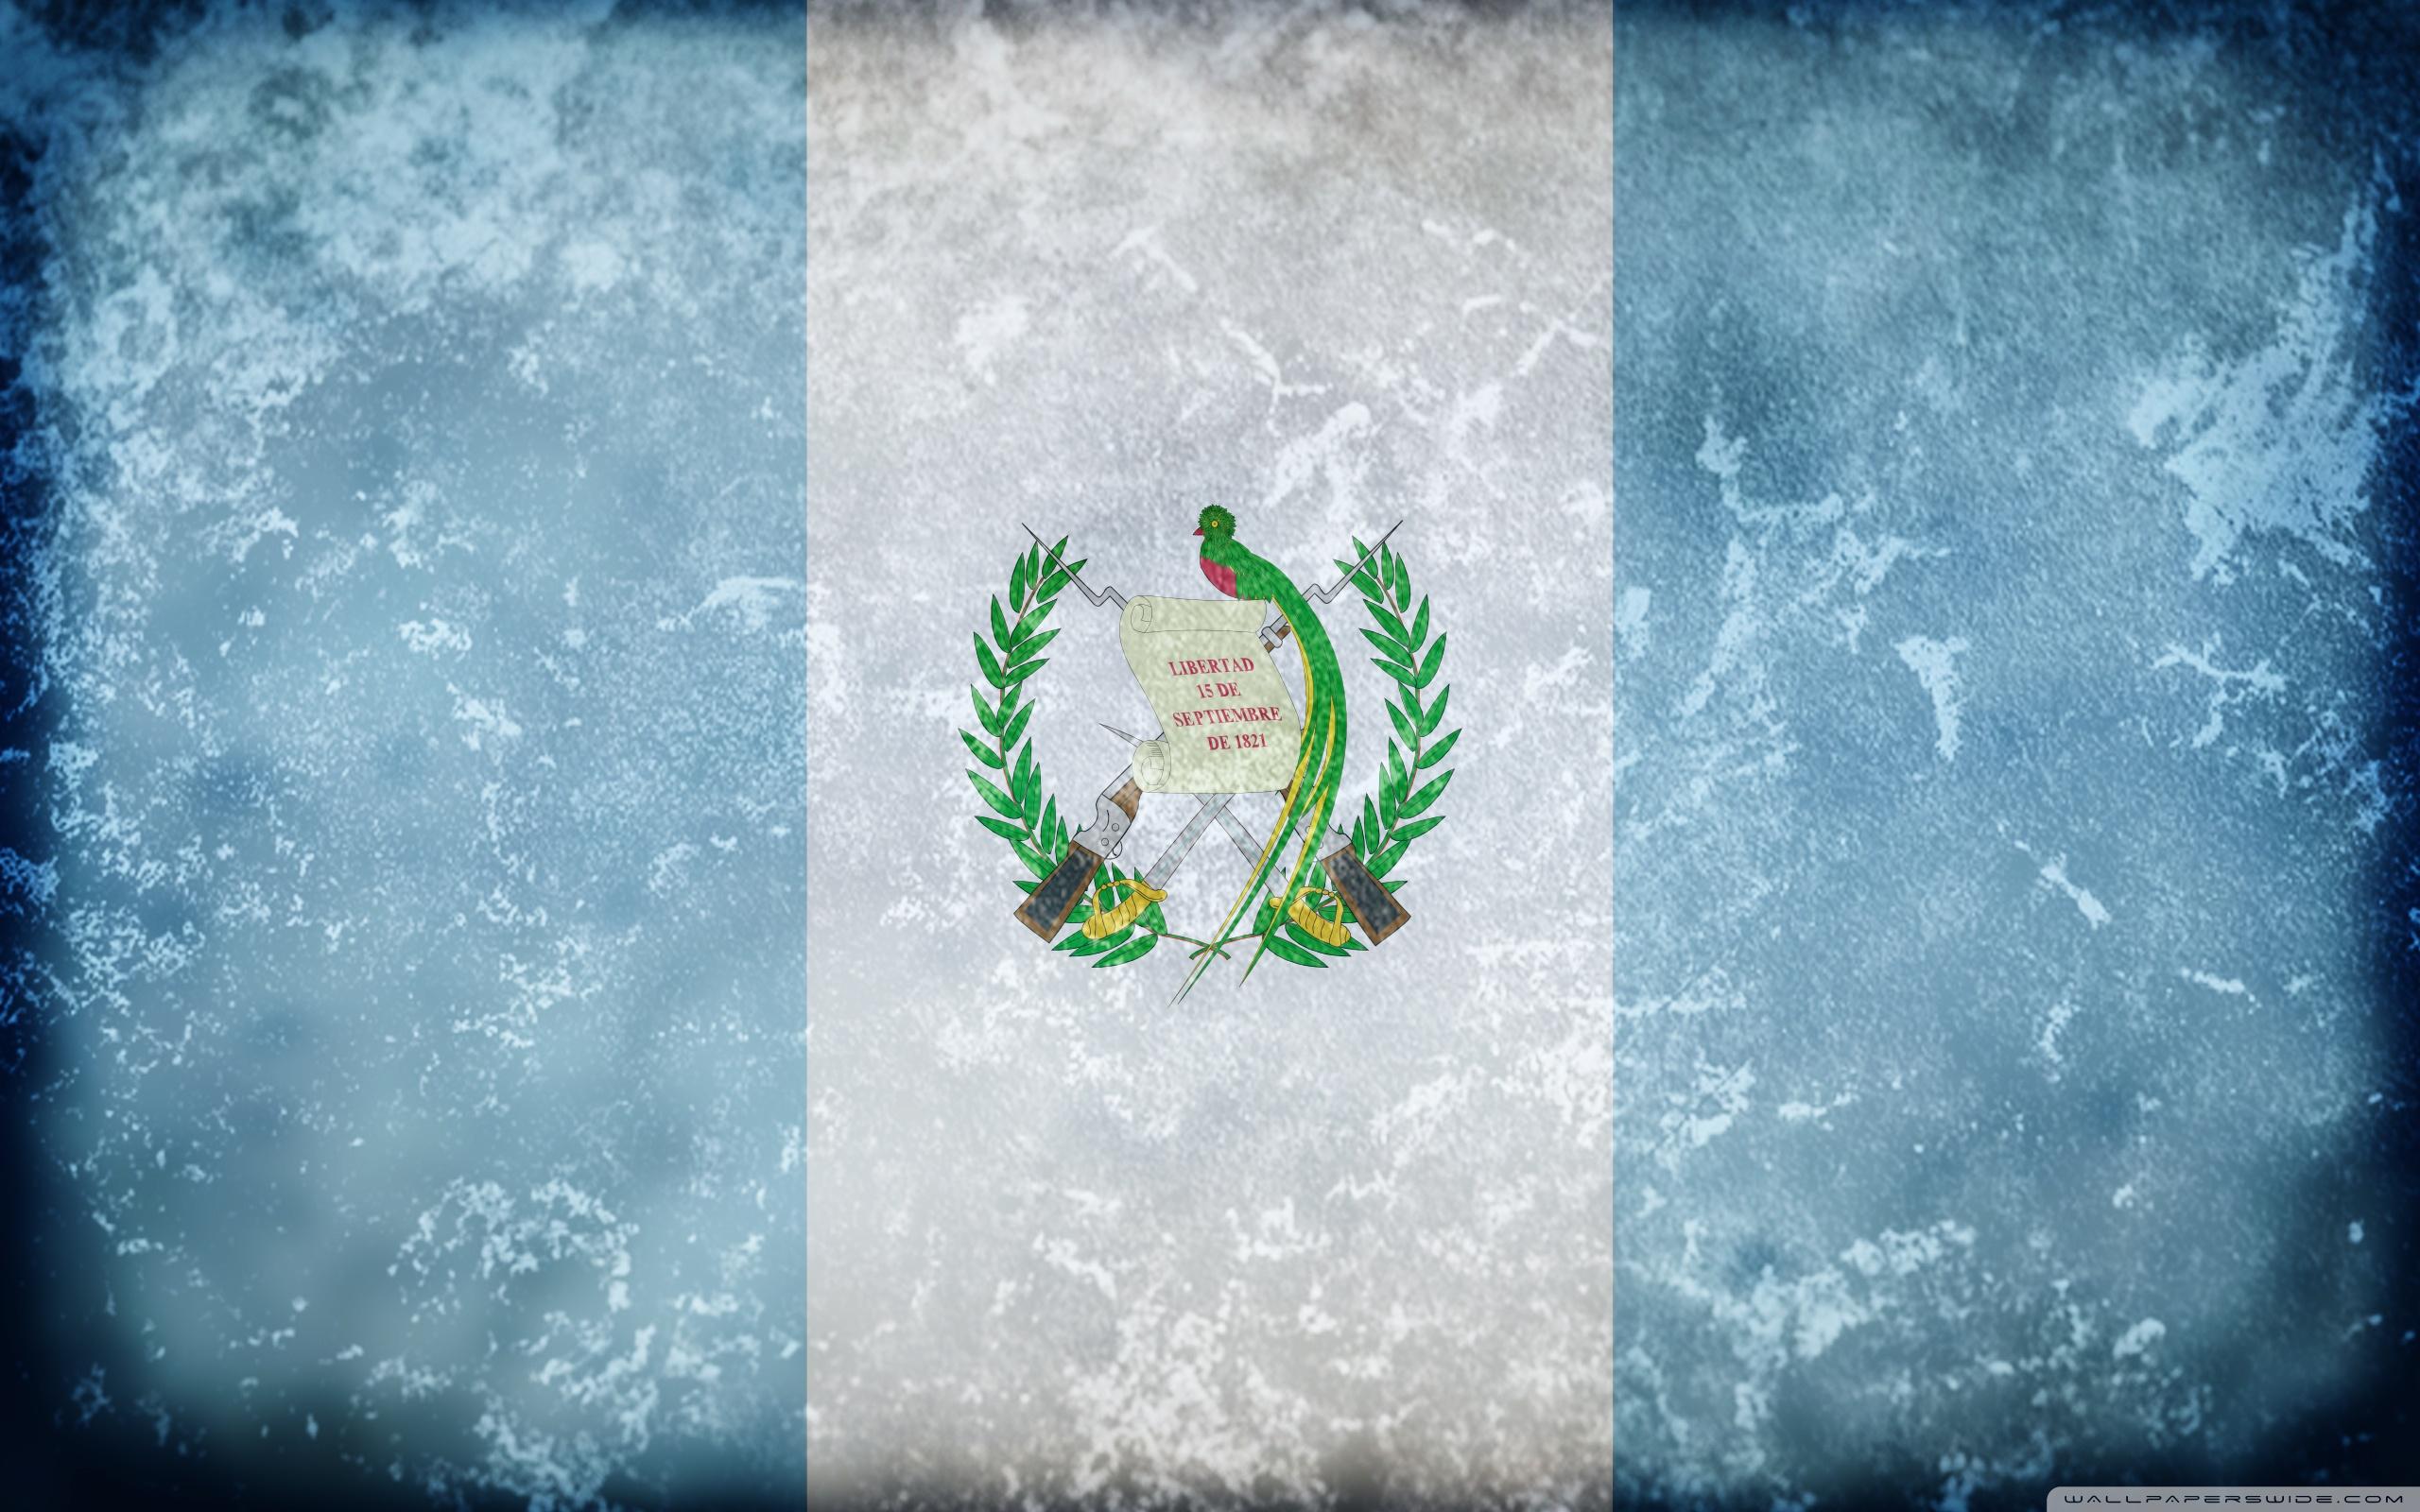 guatemala wallpapers wallpapersafari - photo #34